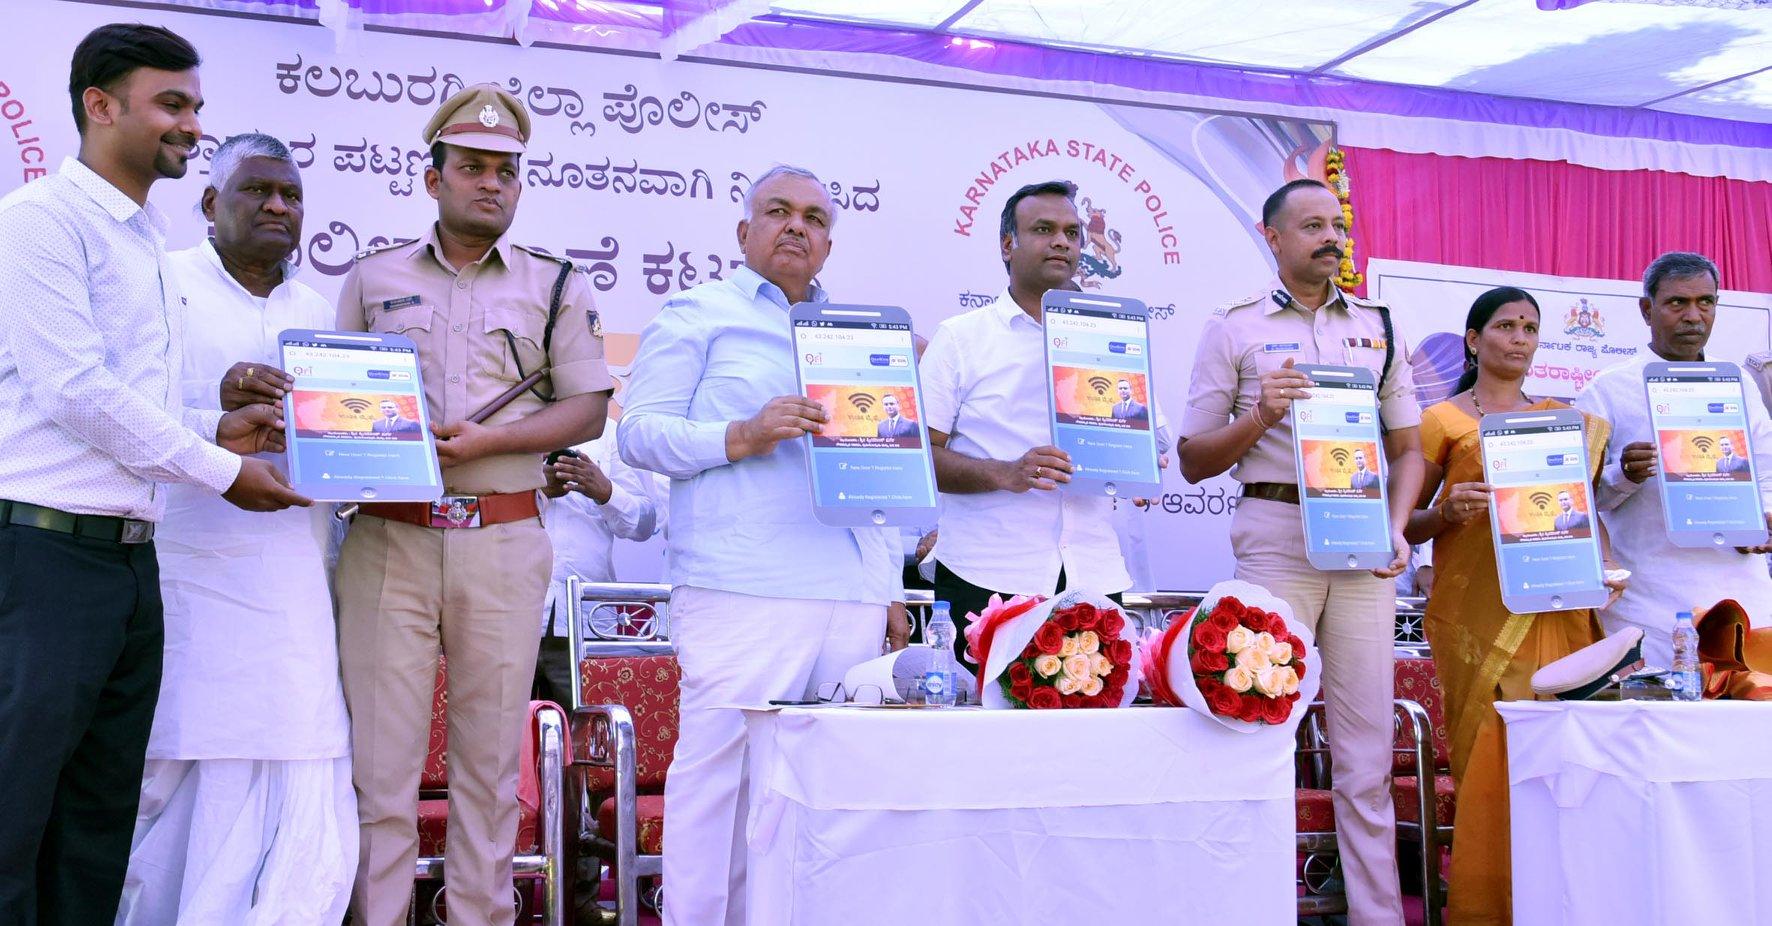 ಸುಮಾರು ಐದು ಸಾವಿರ ಪೊಲೀಸ್ ಪ್ರಶಿಕ್ಷಣಾರ್ಥಿಗಳ ತರಬೇತಿಗೆ 50 ಕೋಟಿ ಮೀಸಲು: ರಾಮಲಿಂಗಾ ರೆಡ್ಡಿ